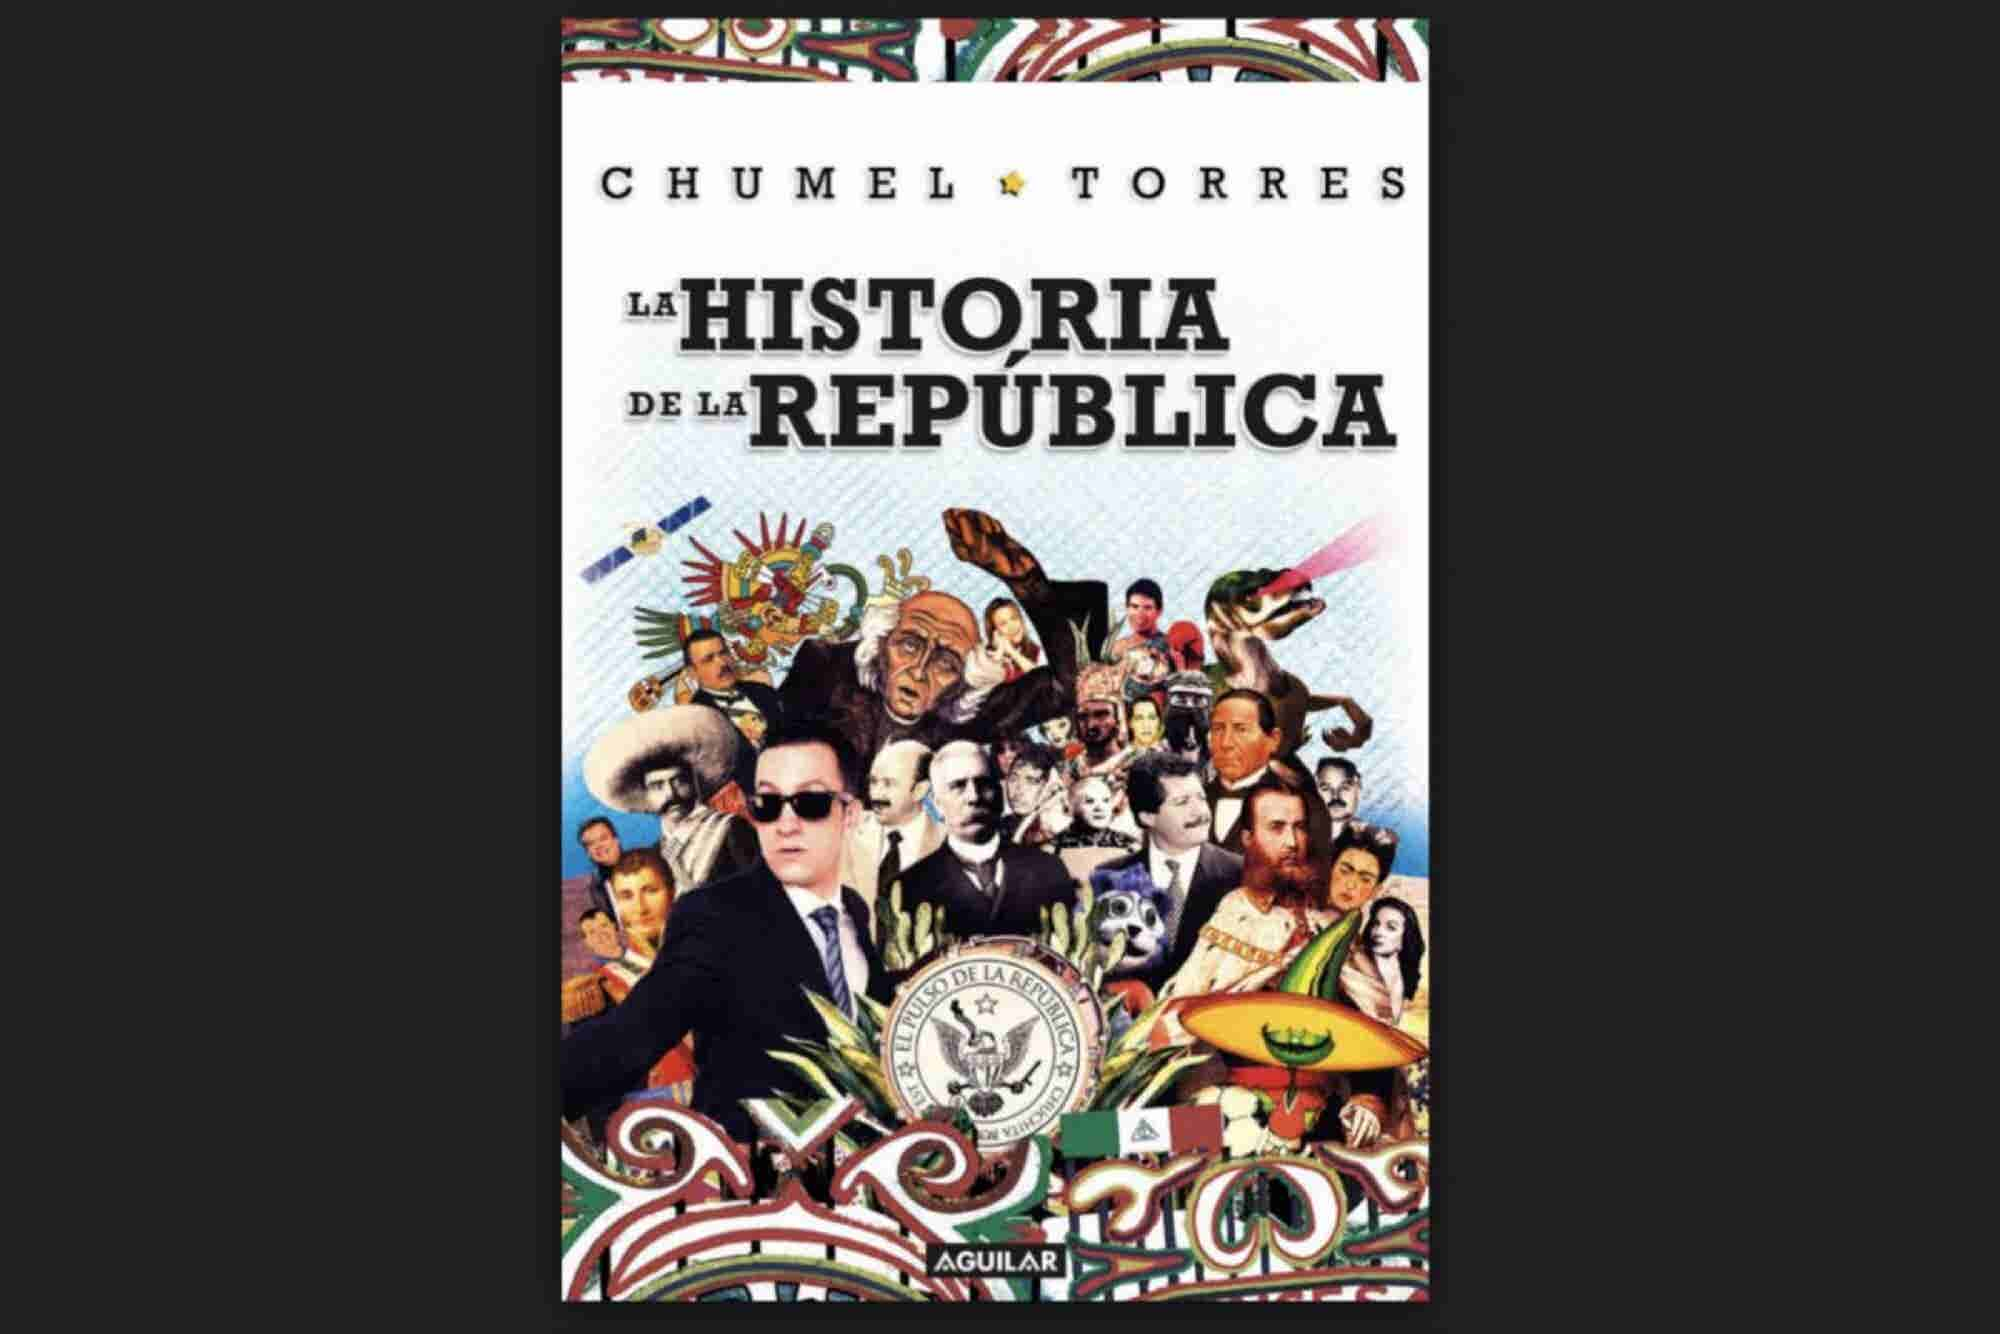 Chumel Torres fue el autor mexicano más vendido en Amazon en 2017